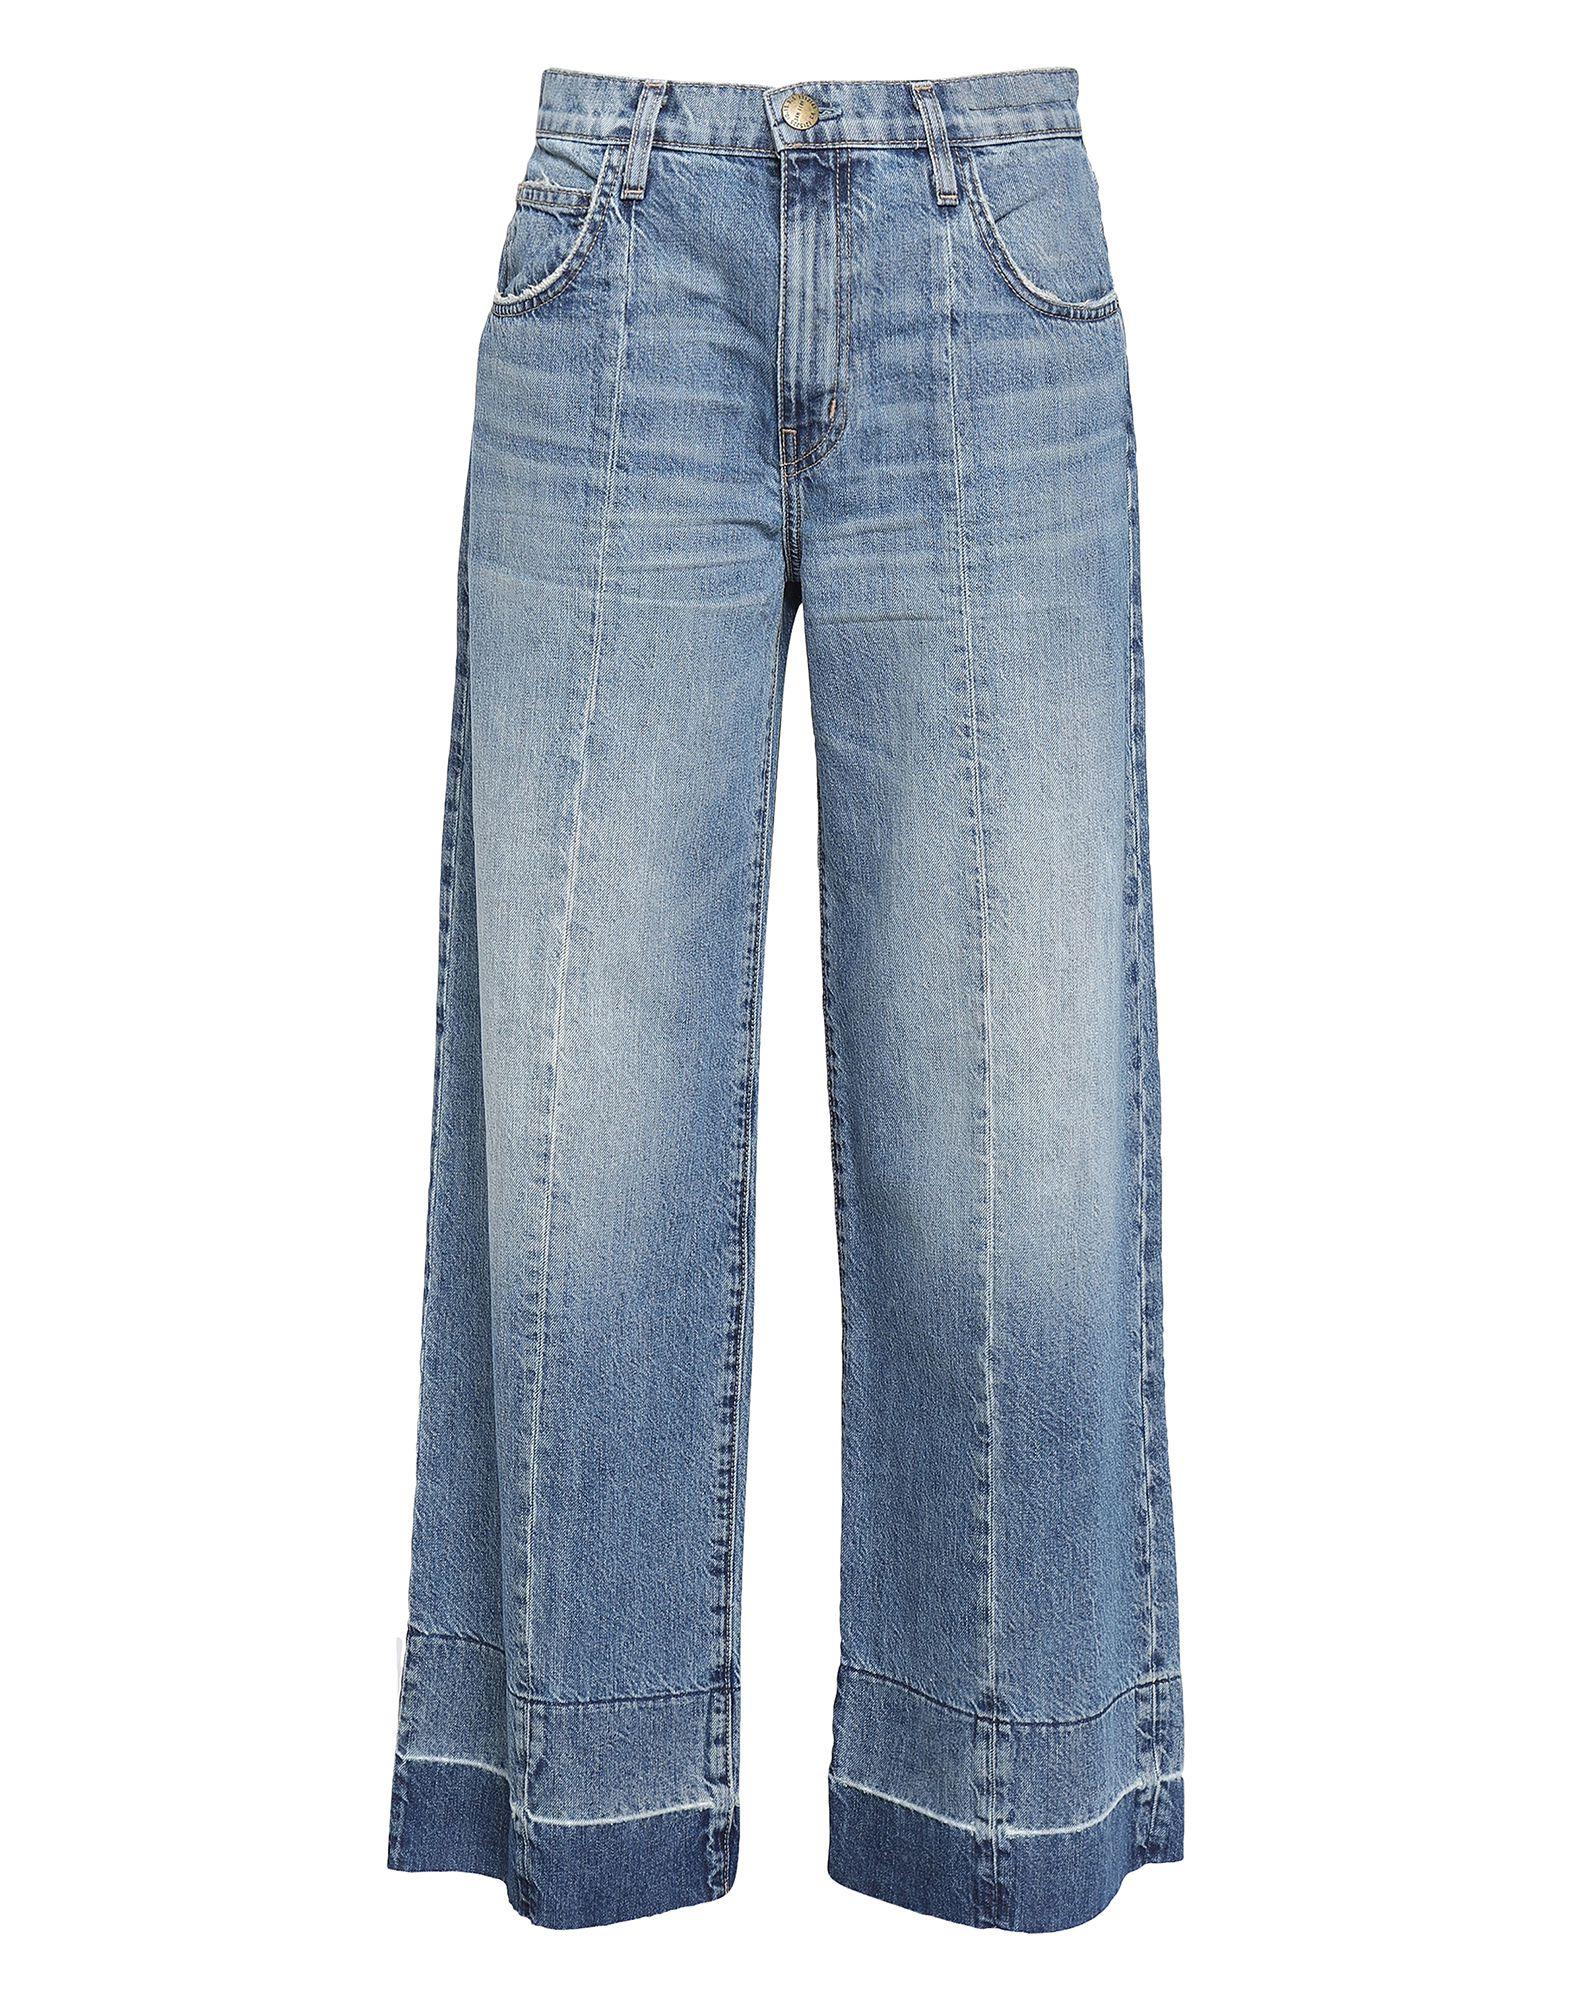 Фото - CURRENT/ELLIOTT Джинсовые брюки plus striped wide leg pants with belt